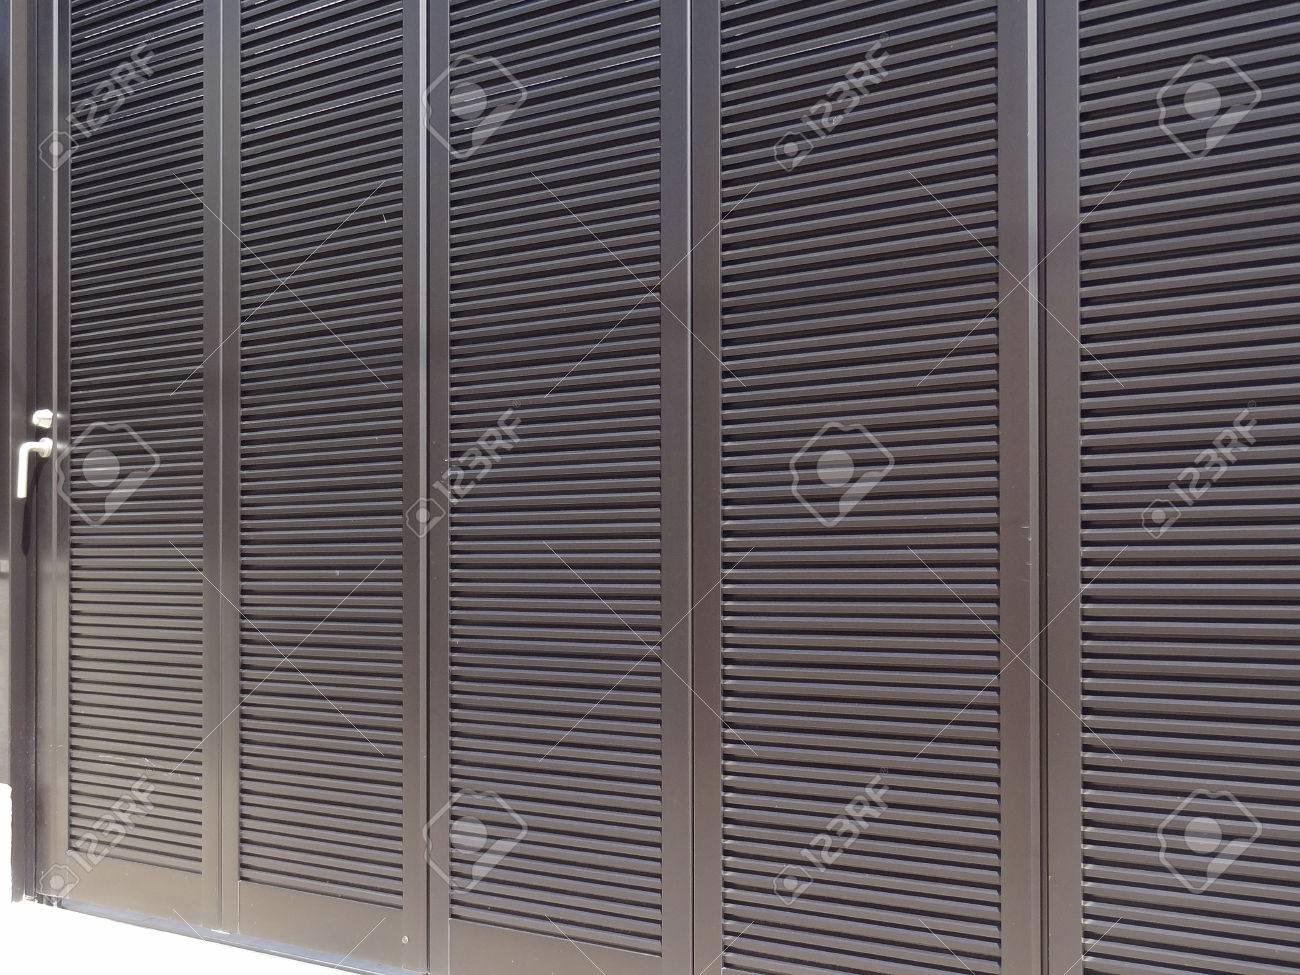 Schiebetür Der Garage Von Aluminium Lizenzfreie Fotos, Bilder Und ...